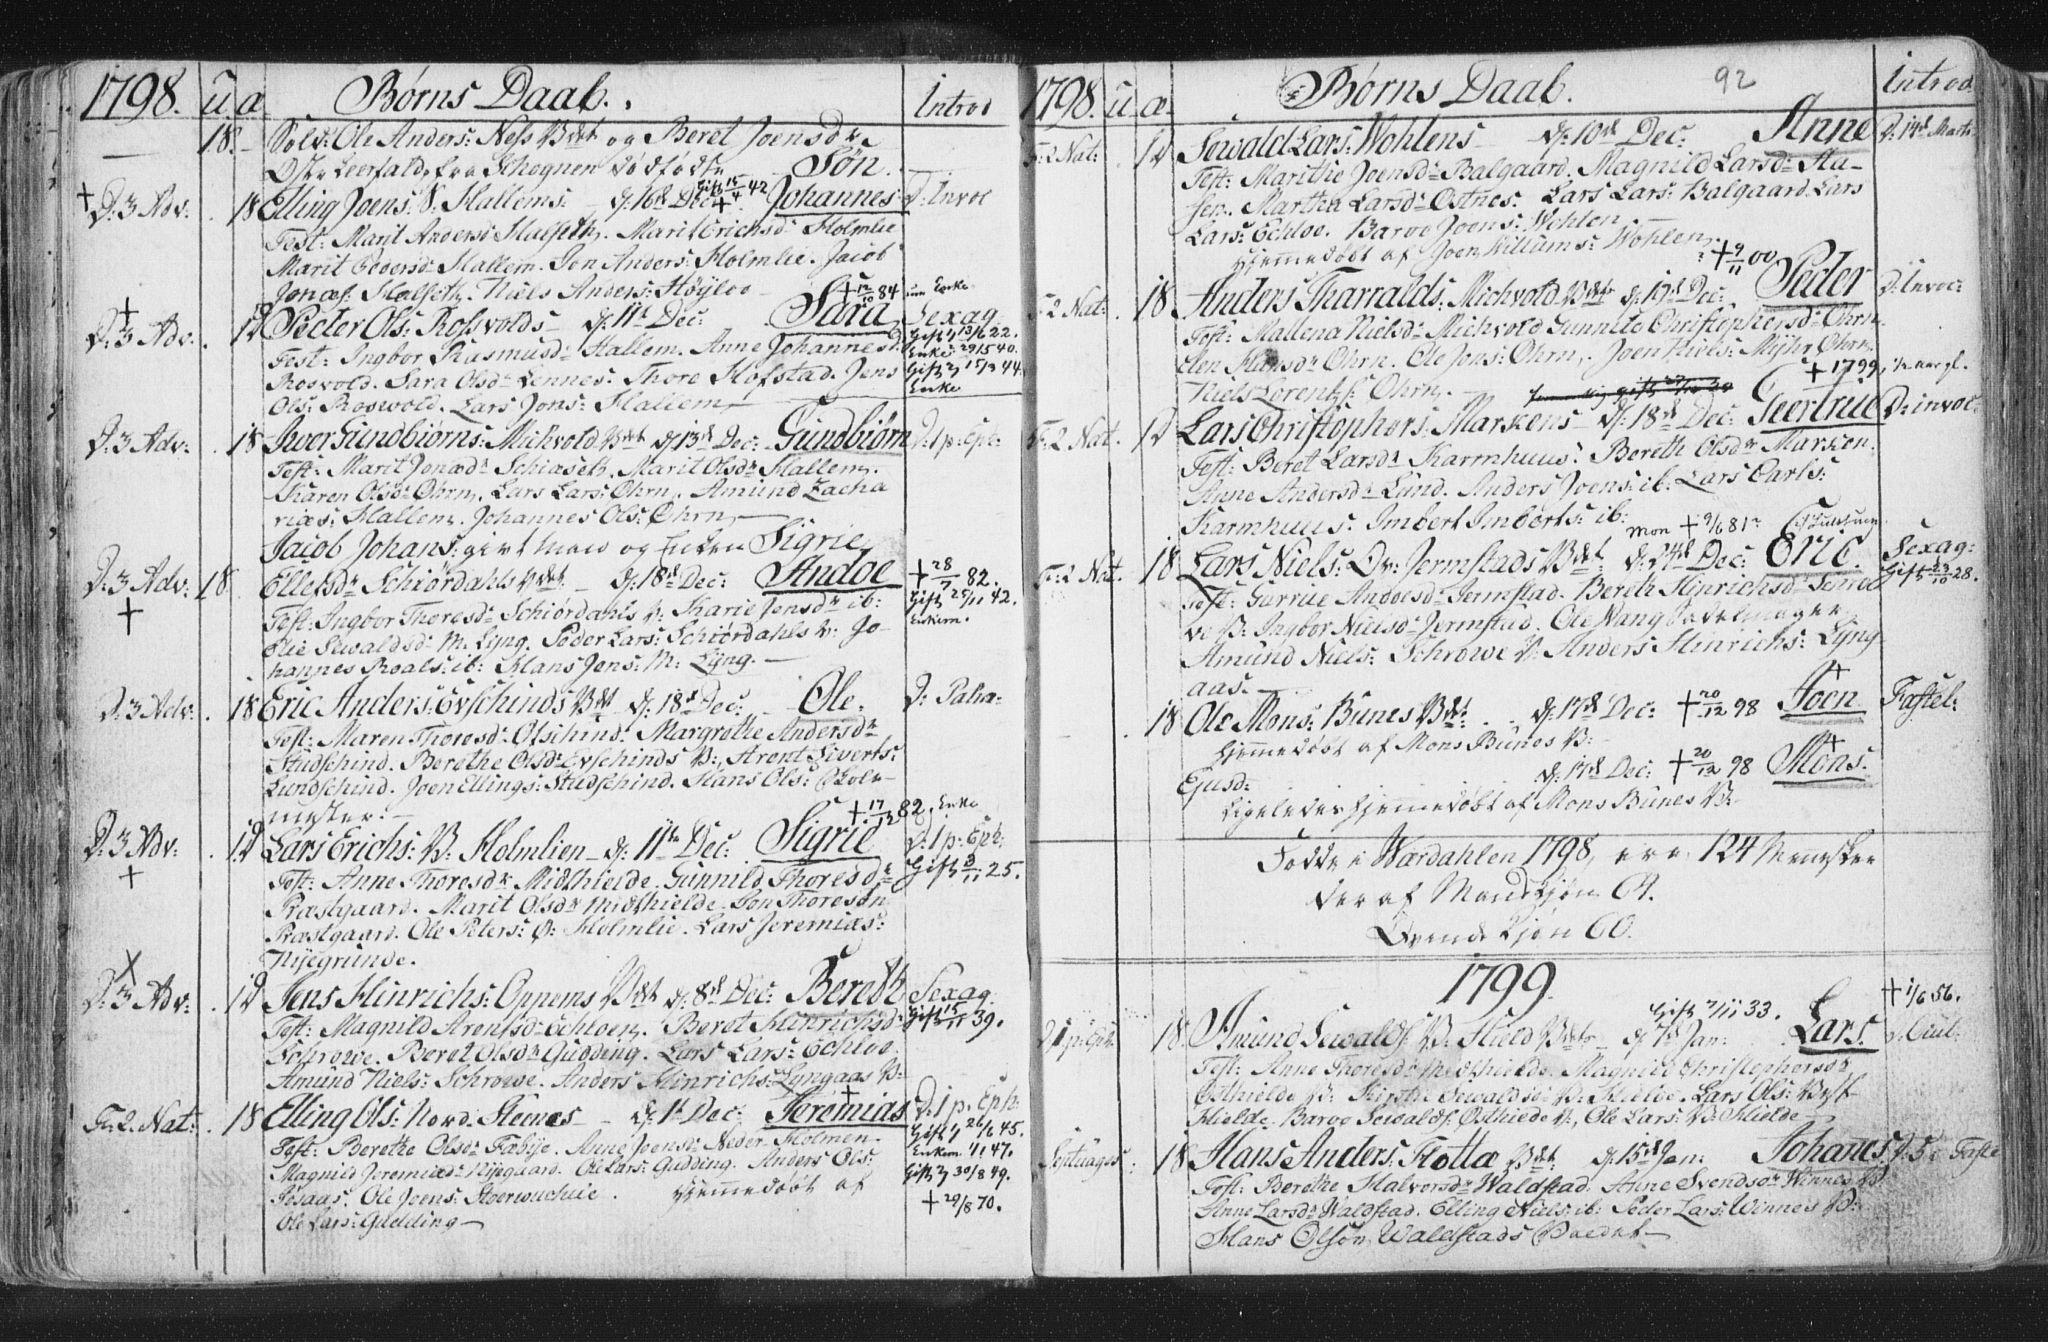 SAT, Ministerialprotokoller, klokkerbøker og fødselsregistre - Nord-Trøndelag, 723/L0232: Ministerialbok nr. 723A03, 1781-1804, s. 92